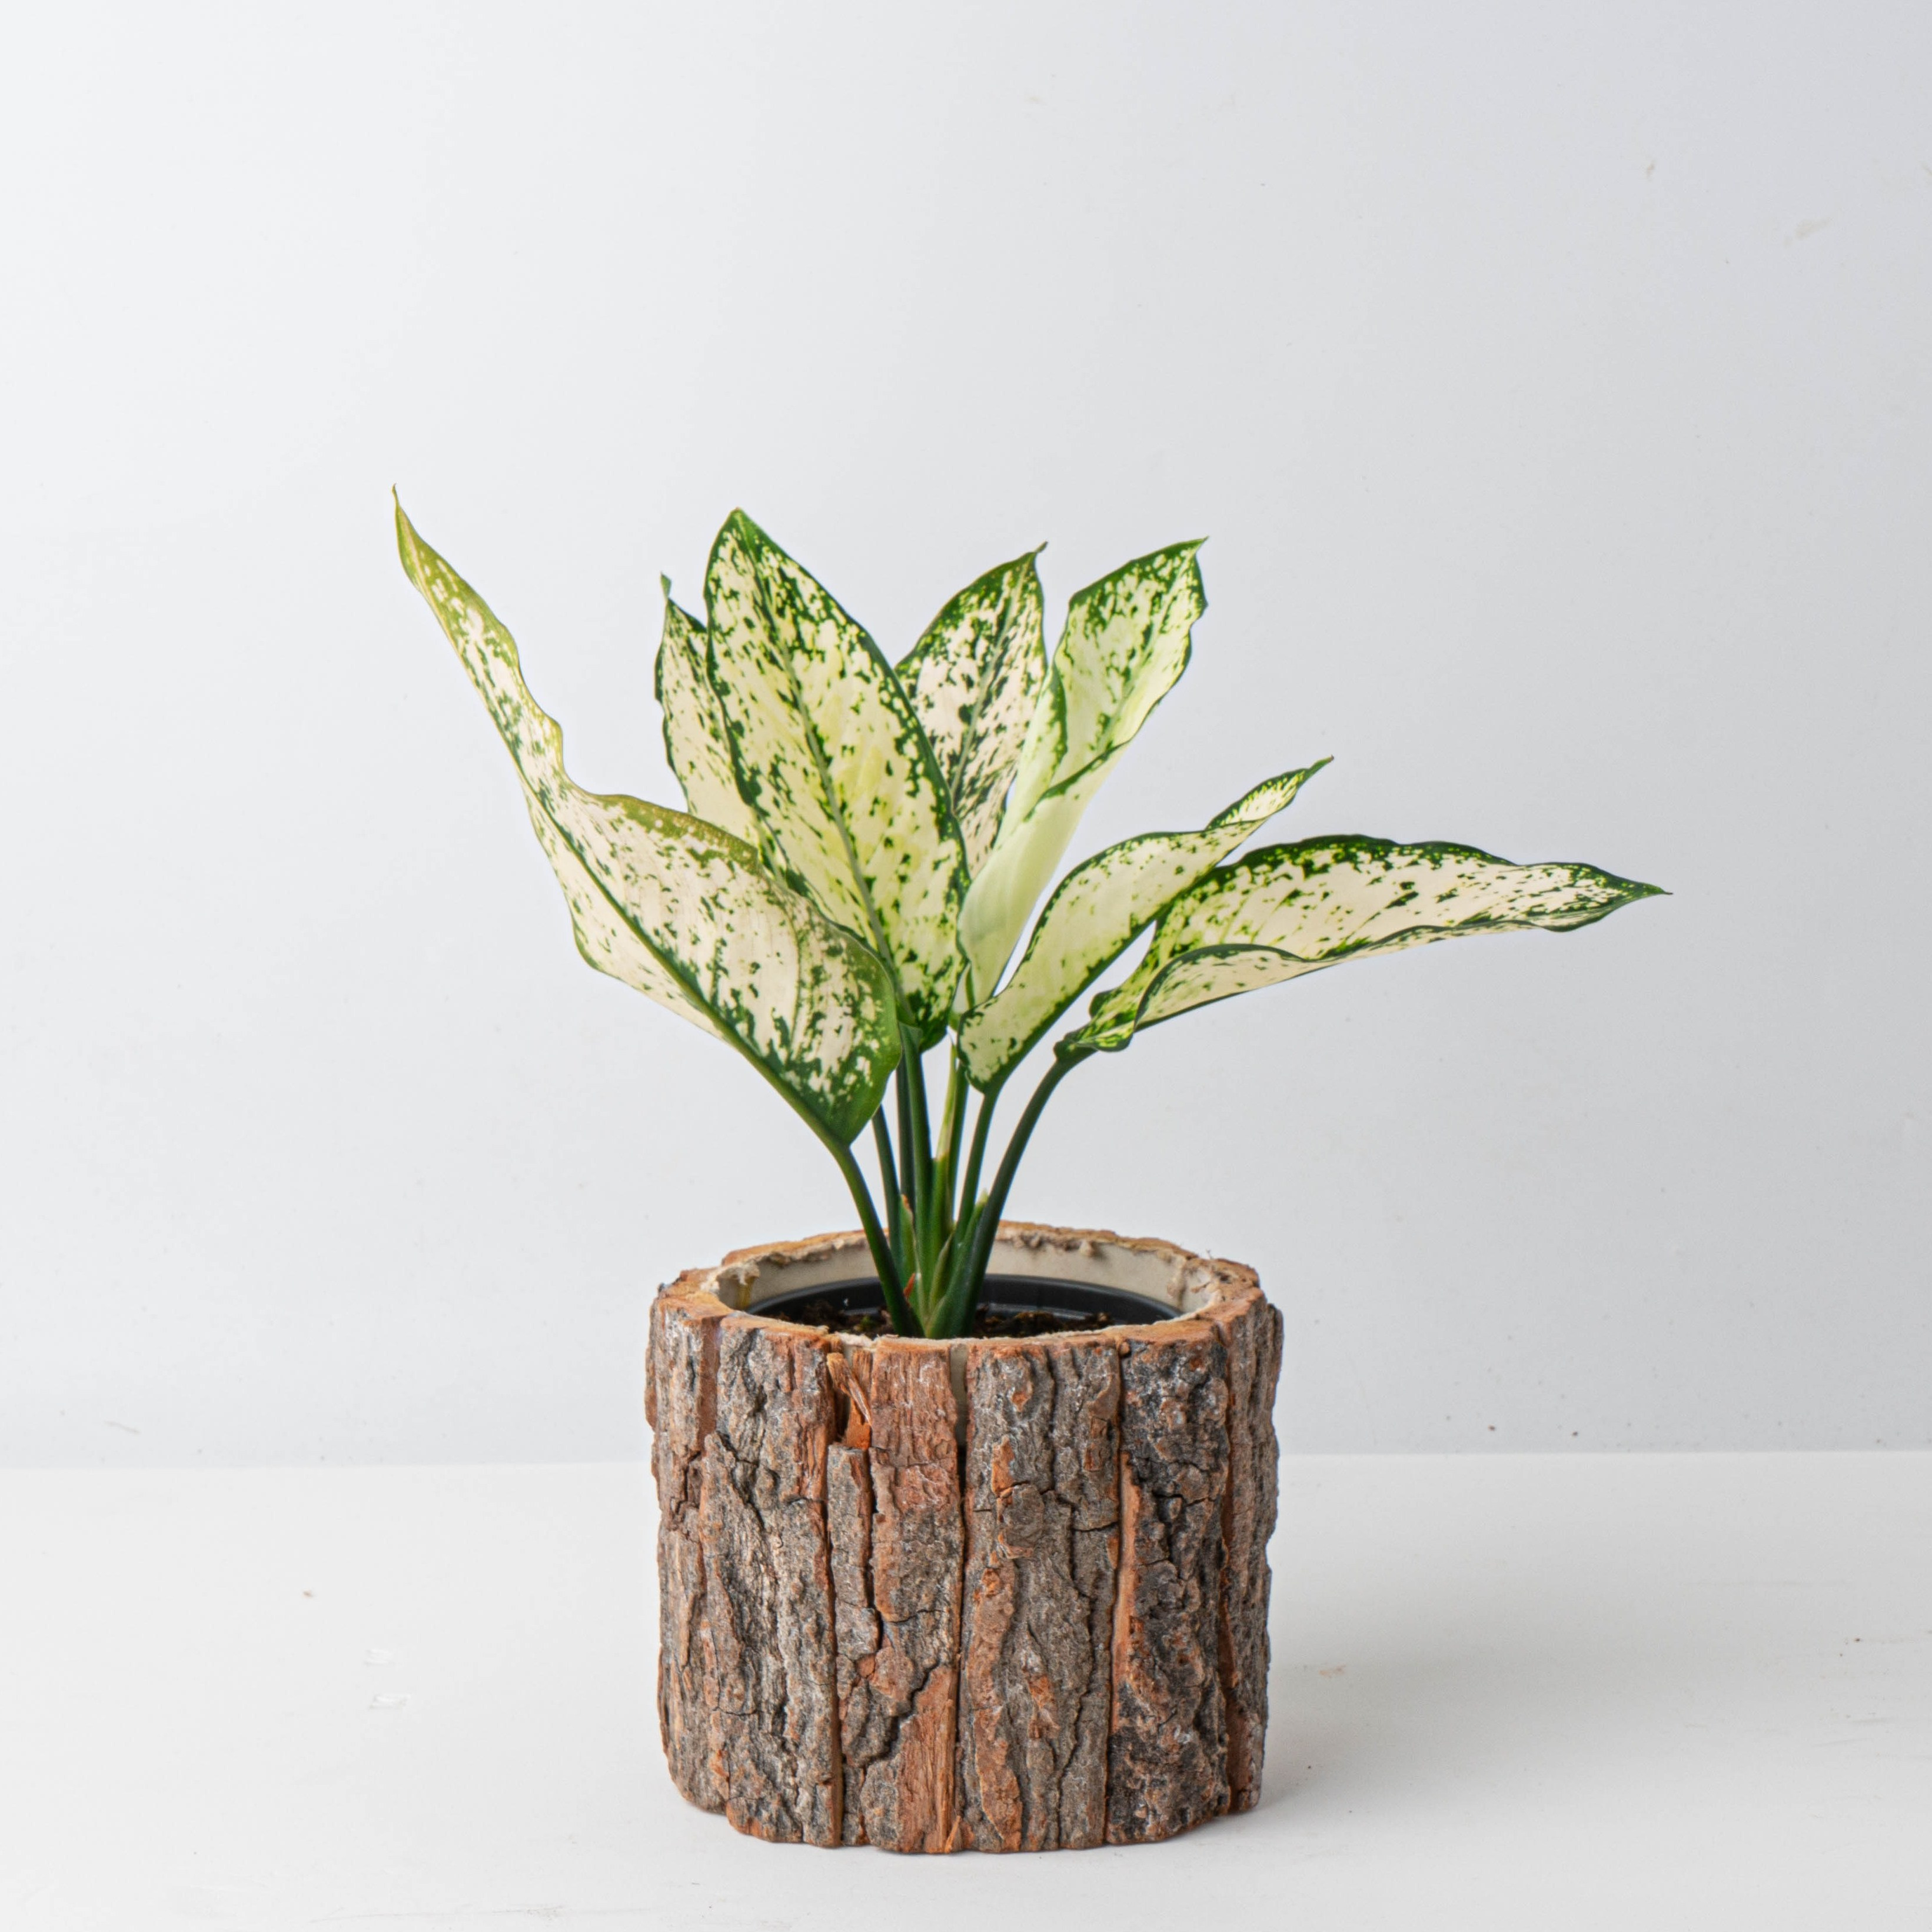 나루플랜트 공기정화식물+화분커버, 스노우사파이어+화분커버